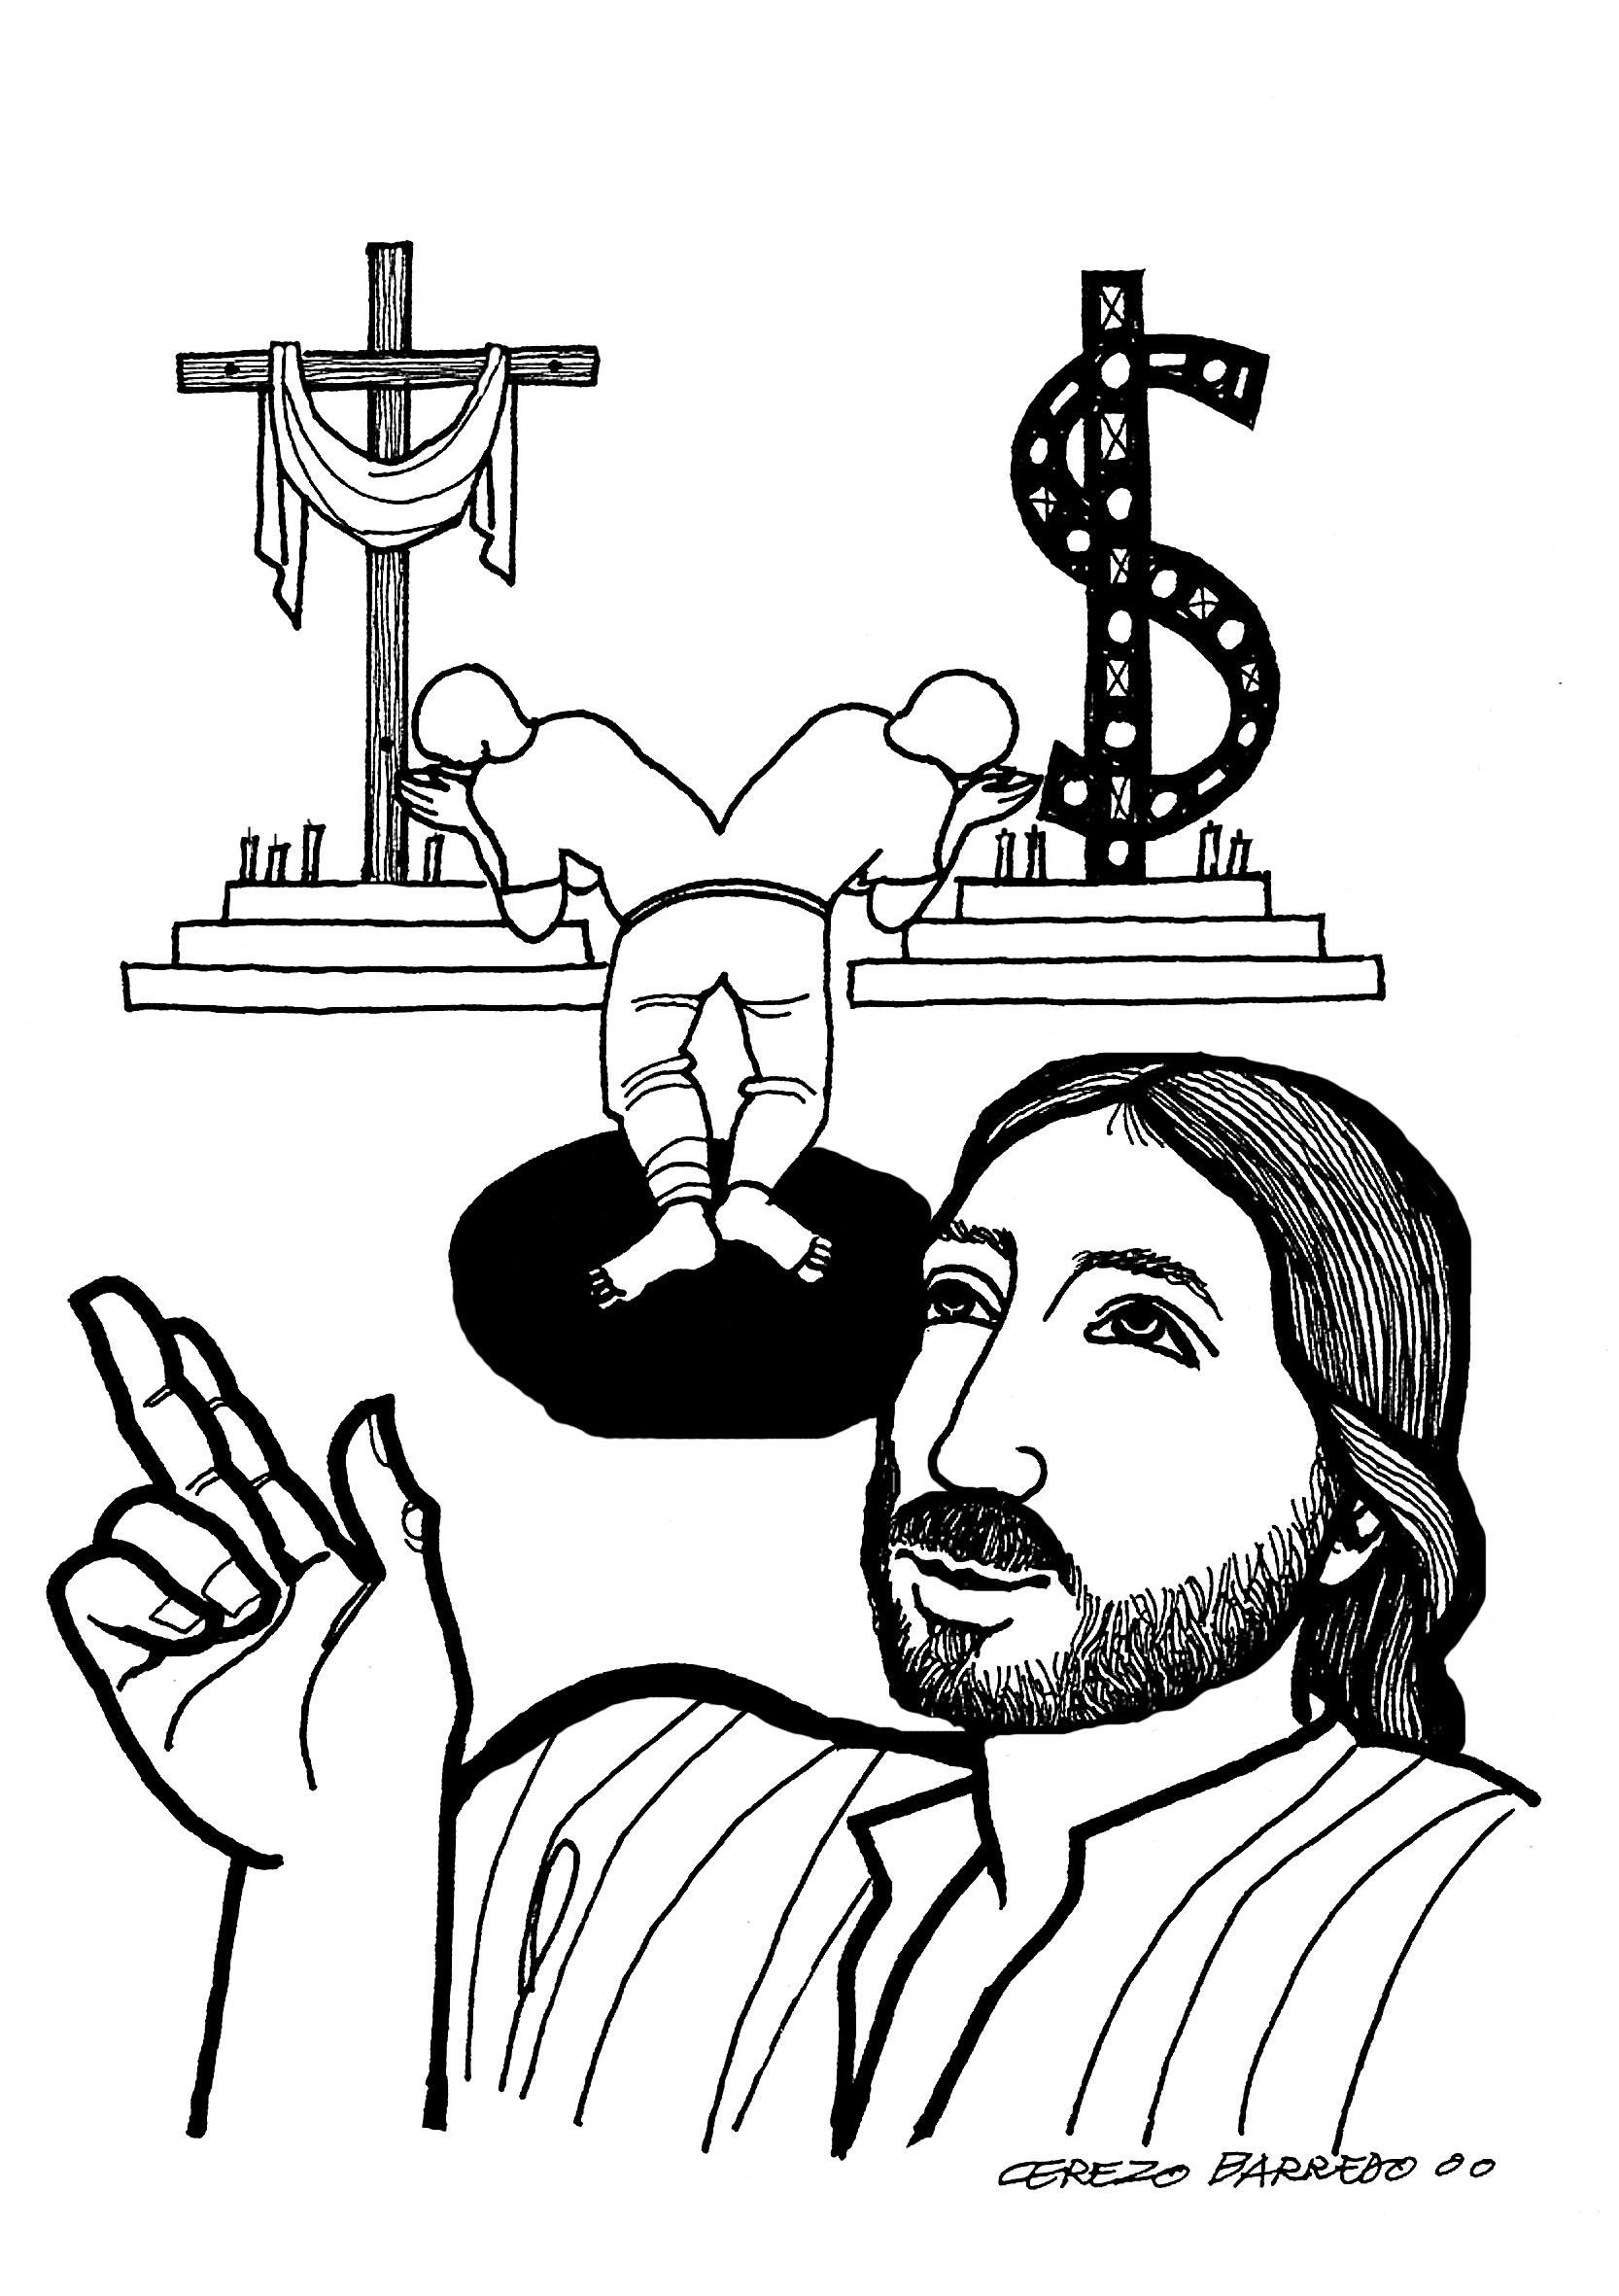 Evangelio del día - Lecturas del domingo, 22 de septiembre de 2013